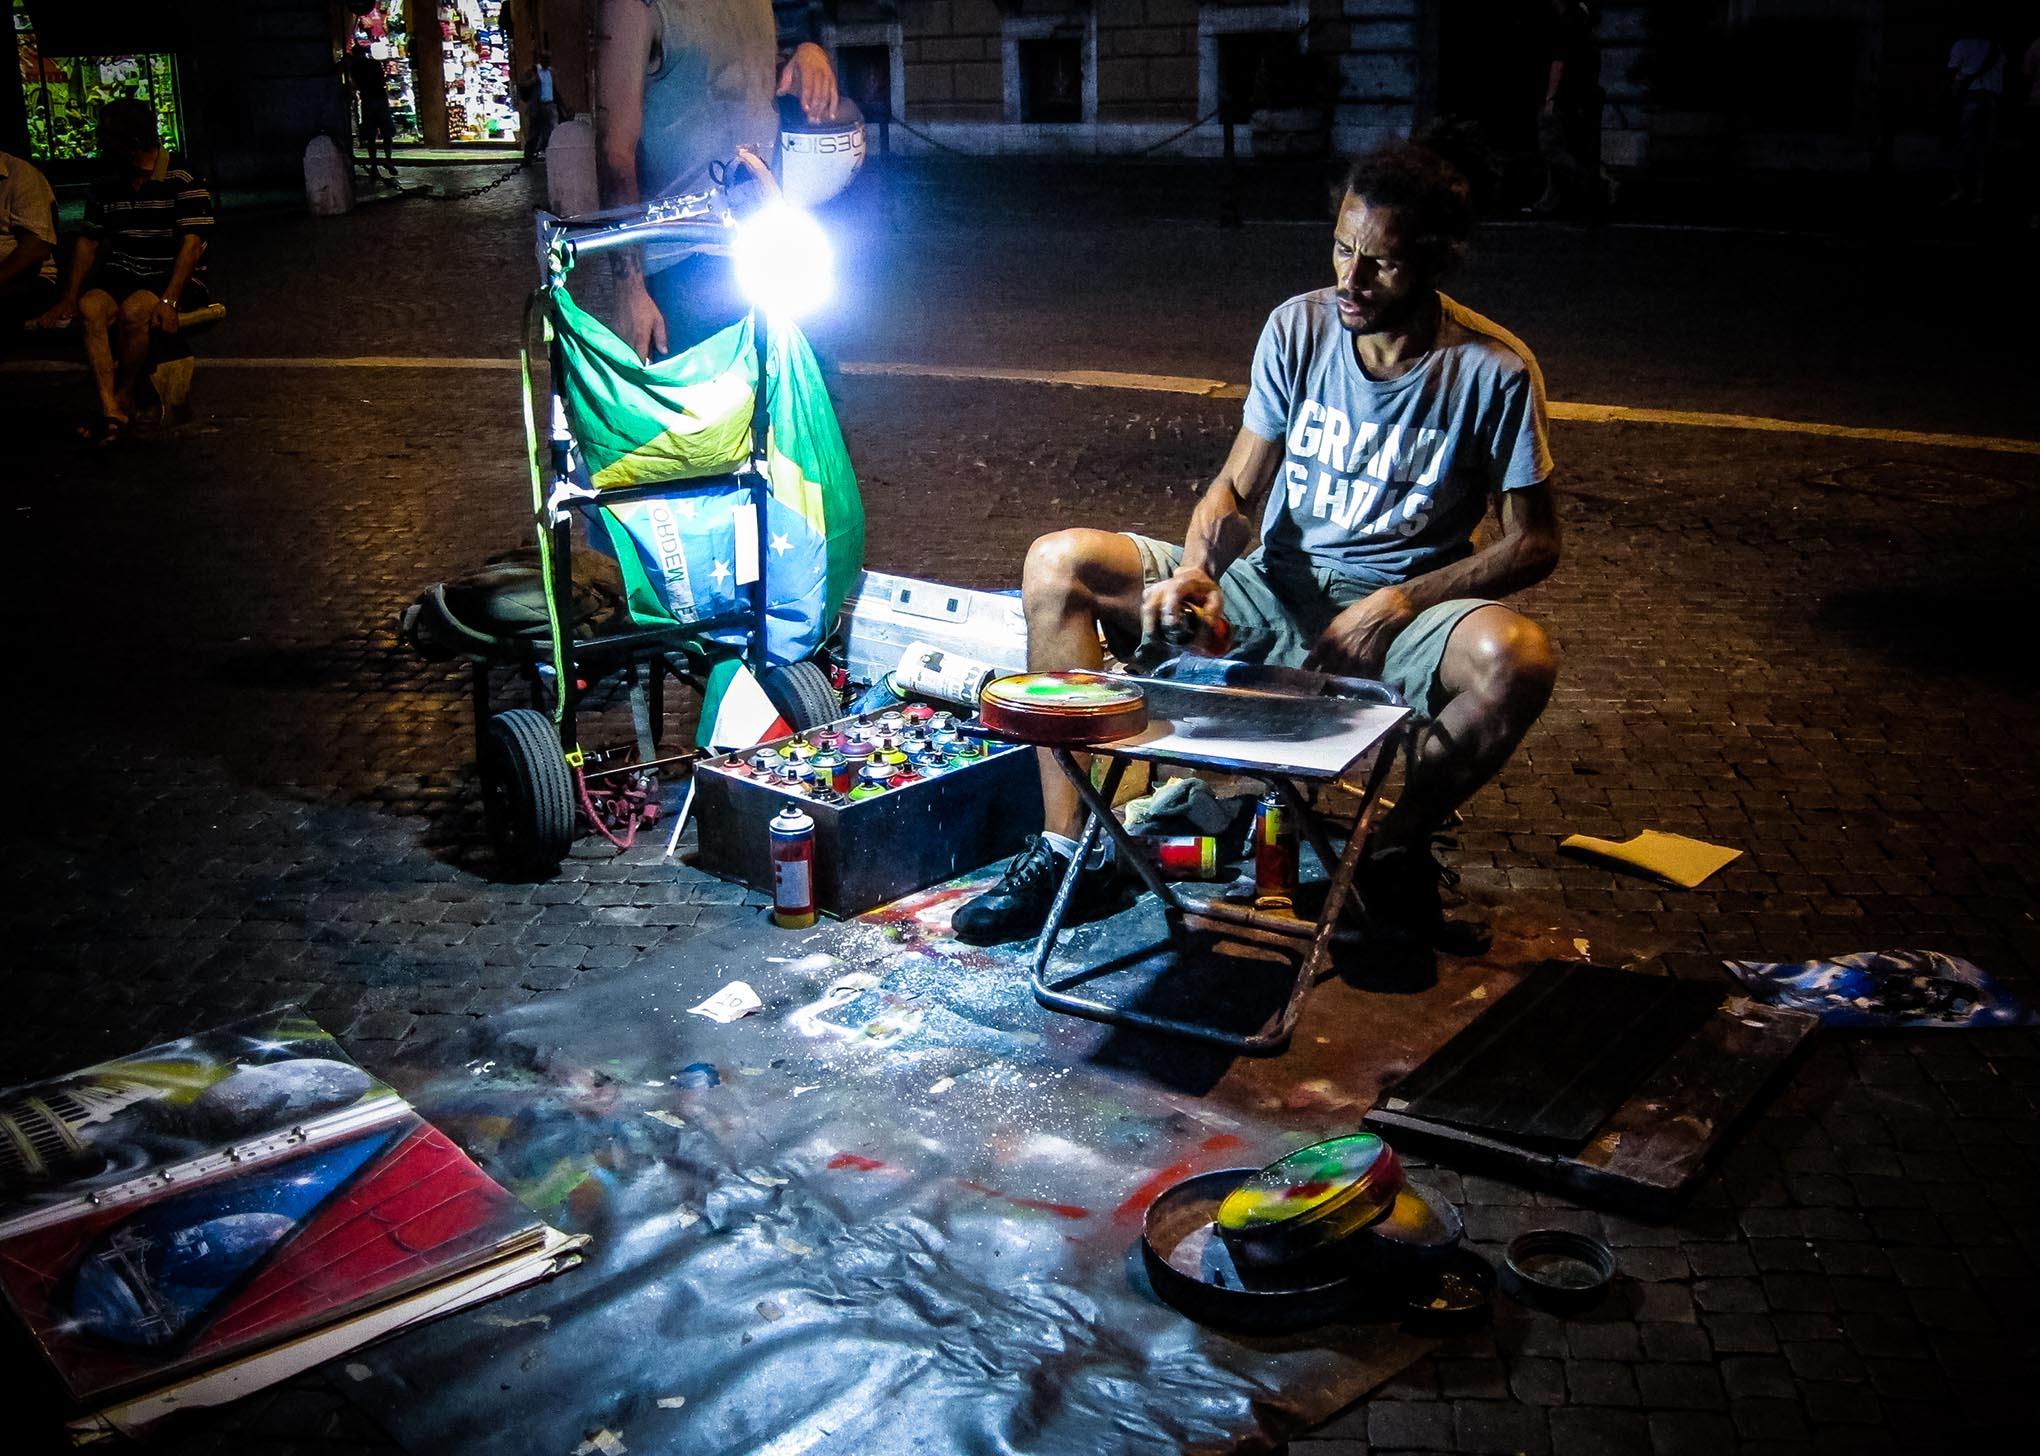 Een straat artiest schildert 's nachts onder een lamp in de straten van Rome.